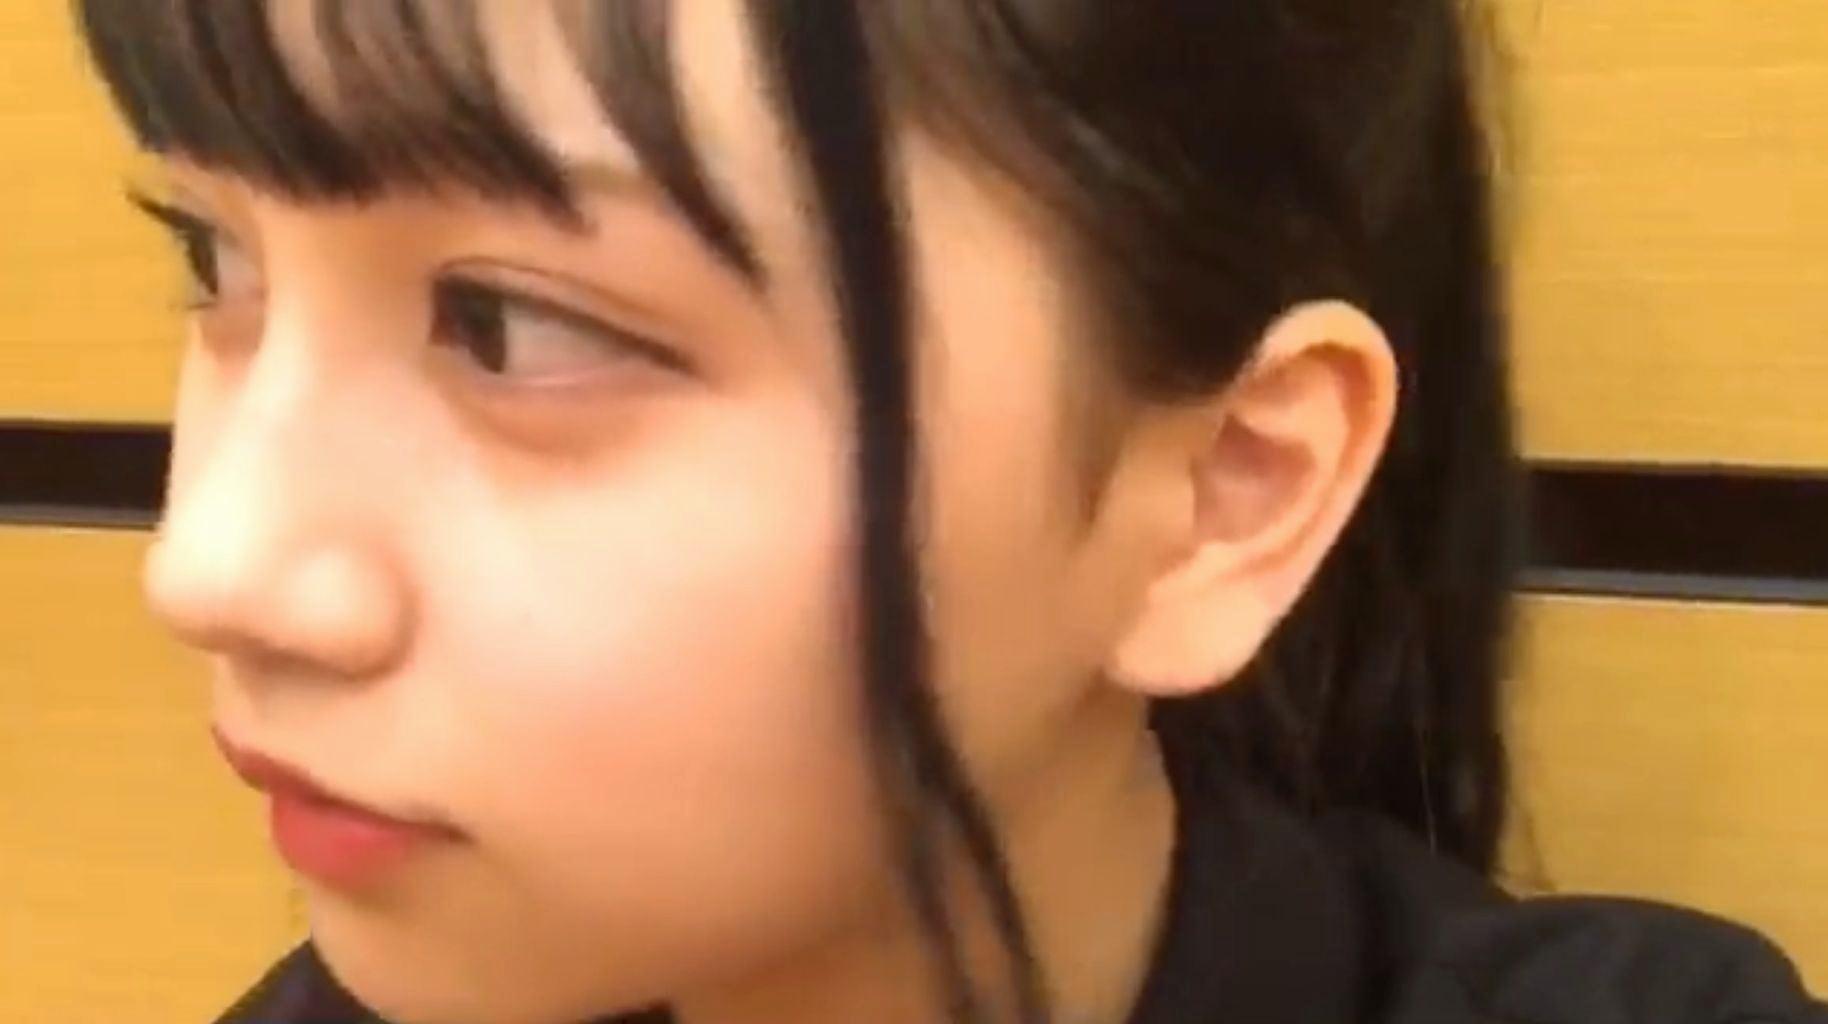 【驚愕】SKE48 9期生オーディション四天王のビジュアルwwwwwwwwwww